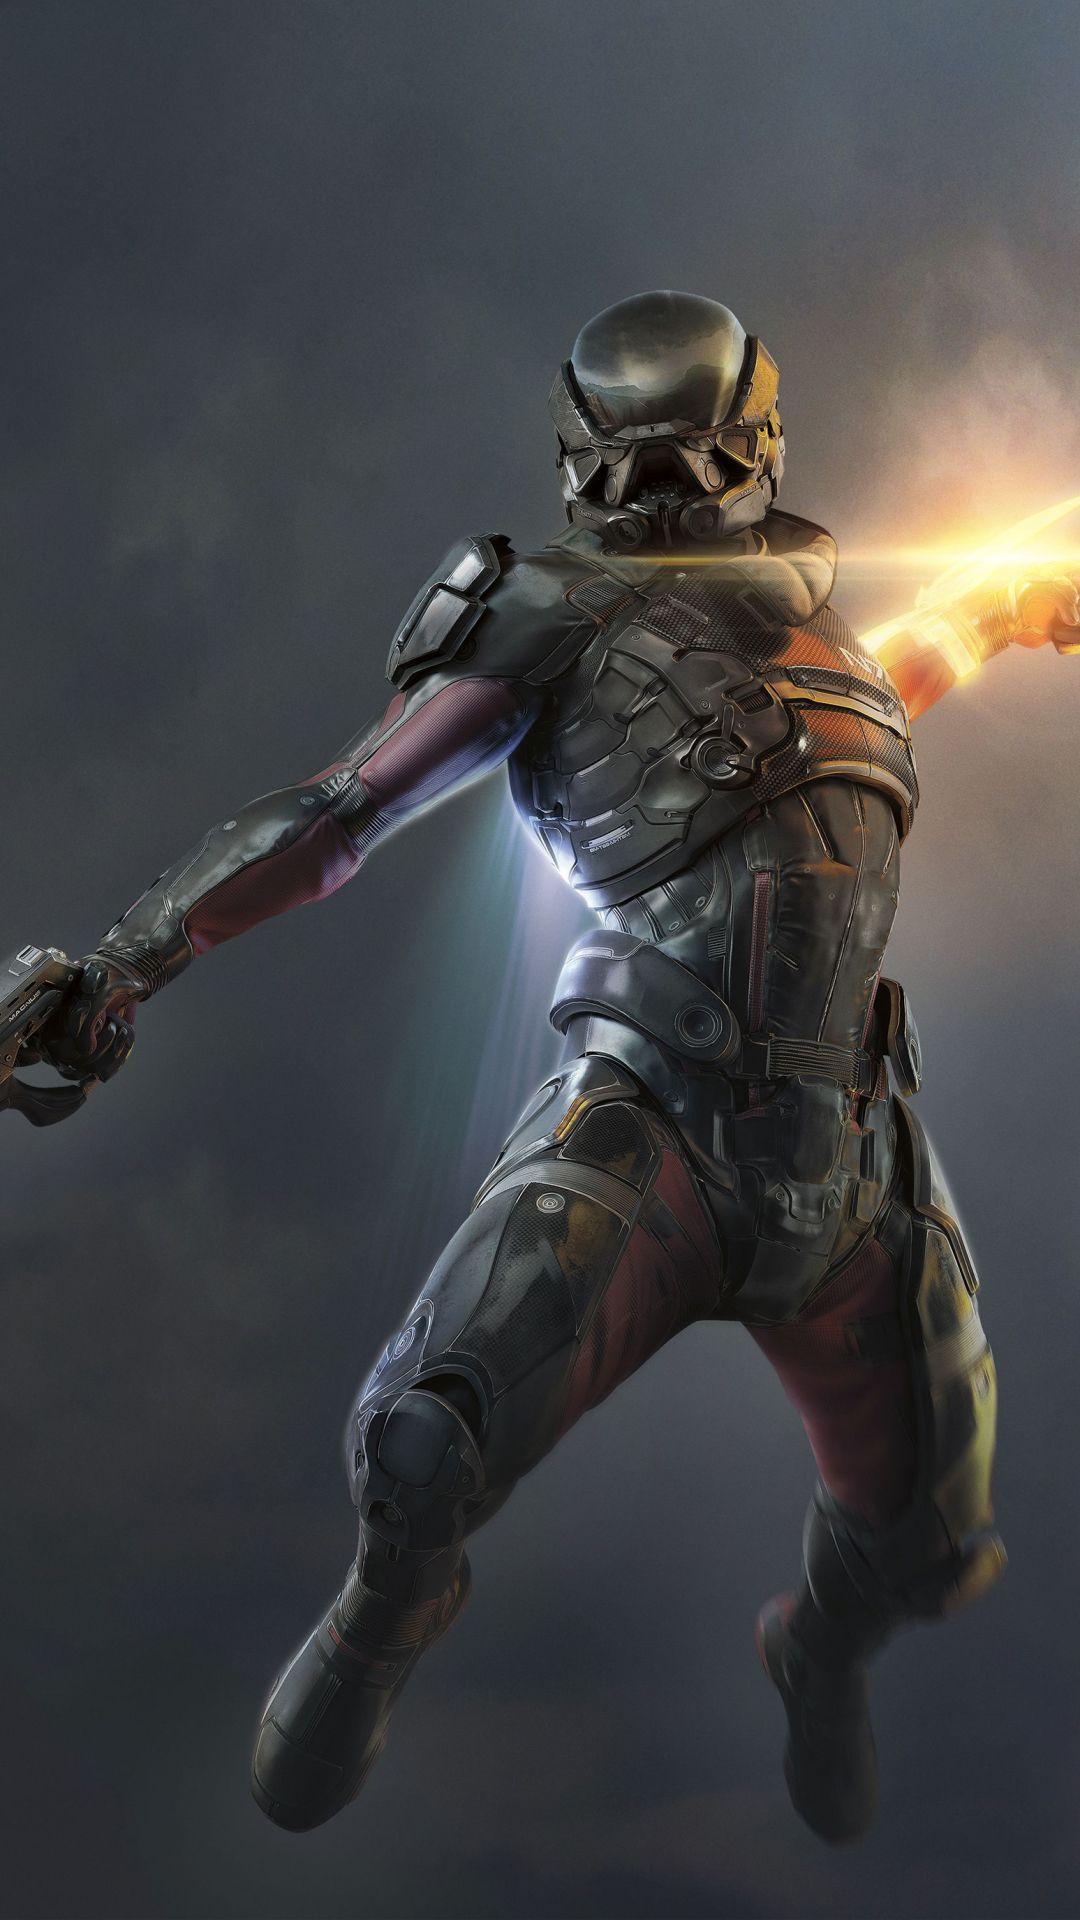 Mass Effect HD Wallpapers Backgrounds Wallpaper